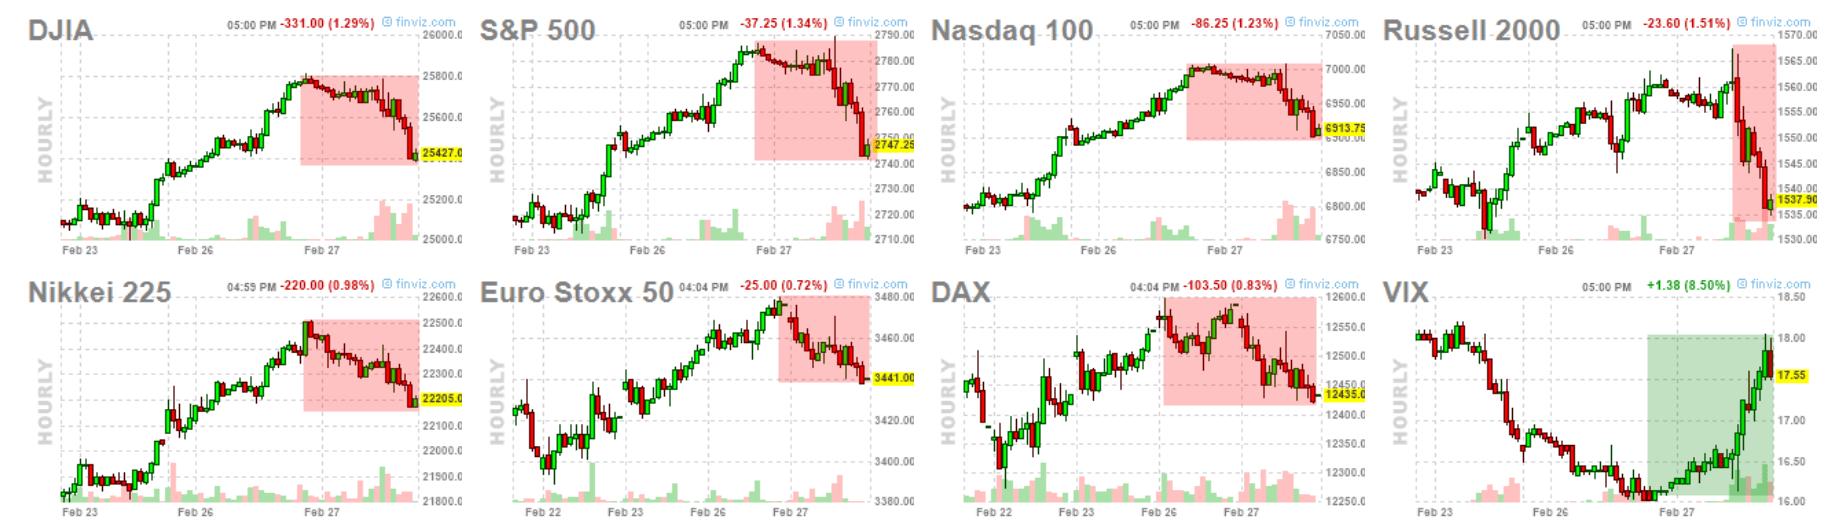 28-febrero-indices-cierre% - Mercados: mentirosos, asquerosos y muy tramposos